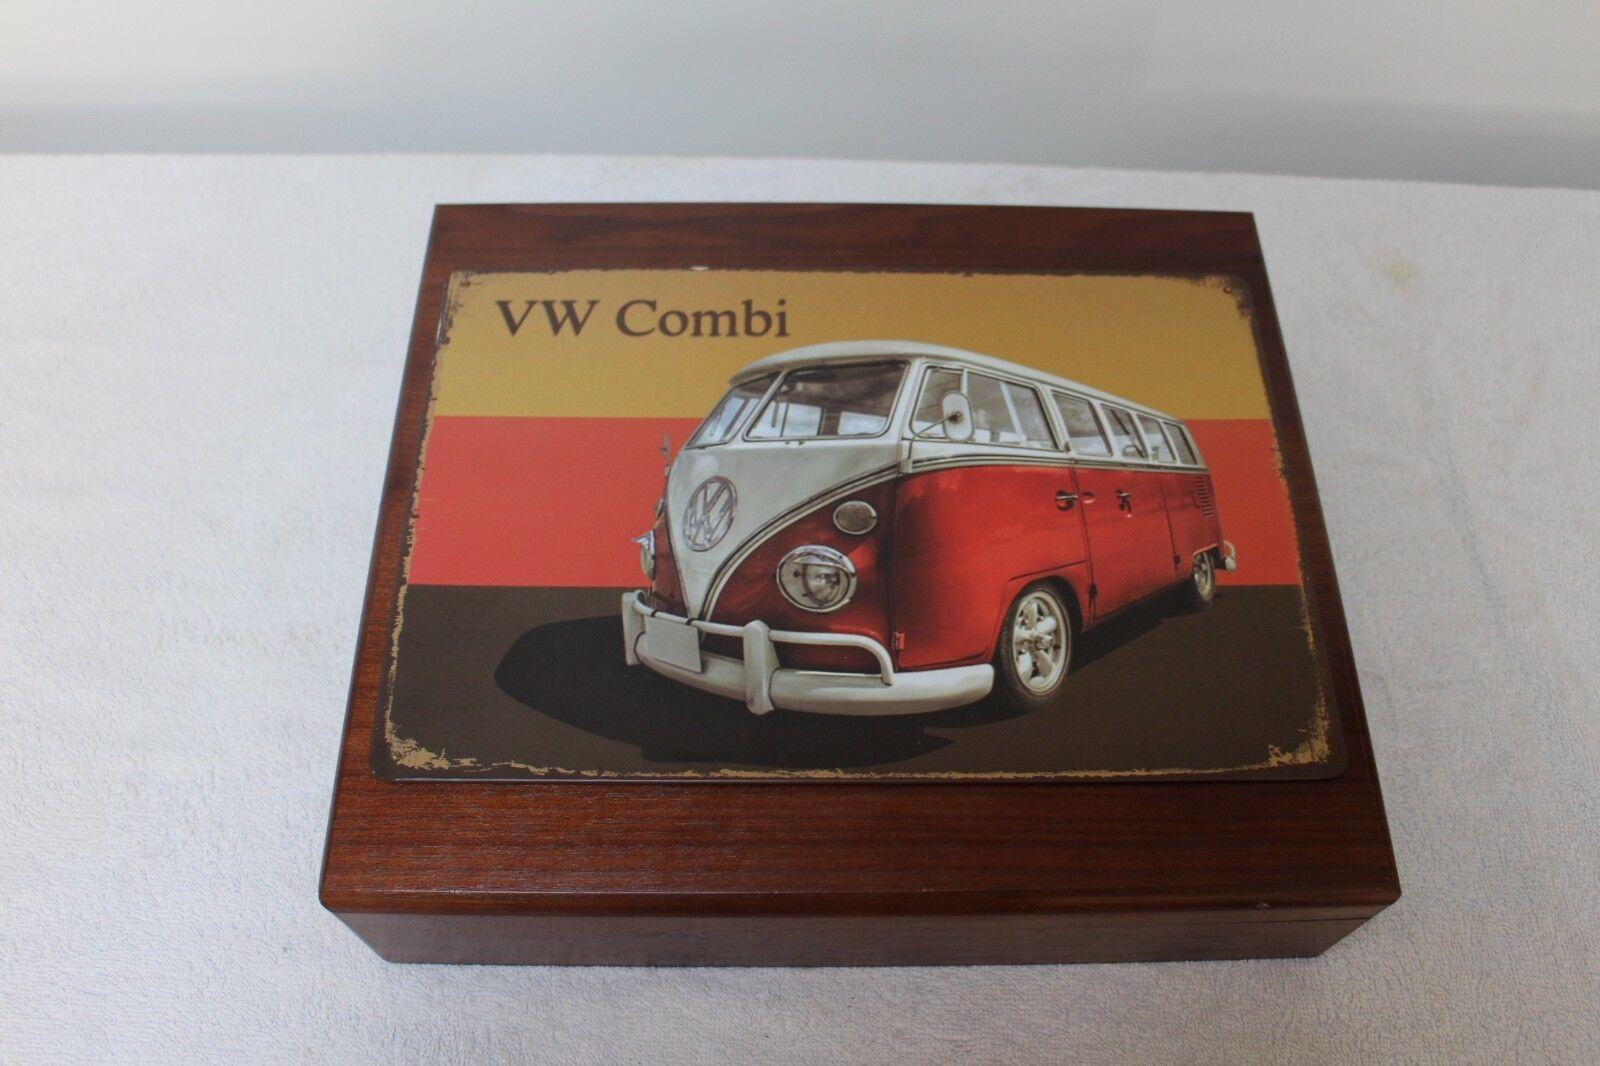 BOITE EN BOIS VW COMBI